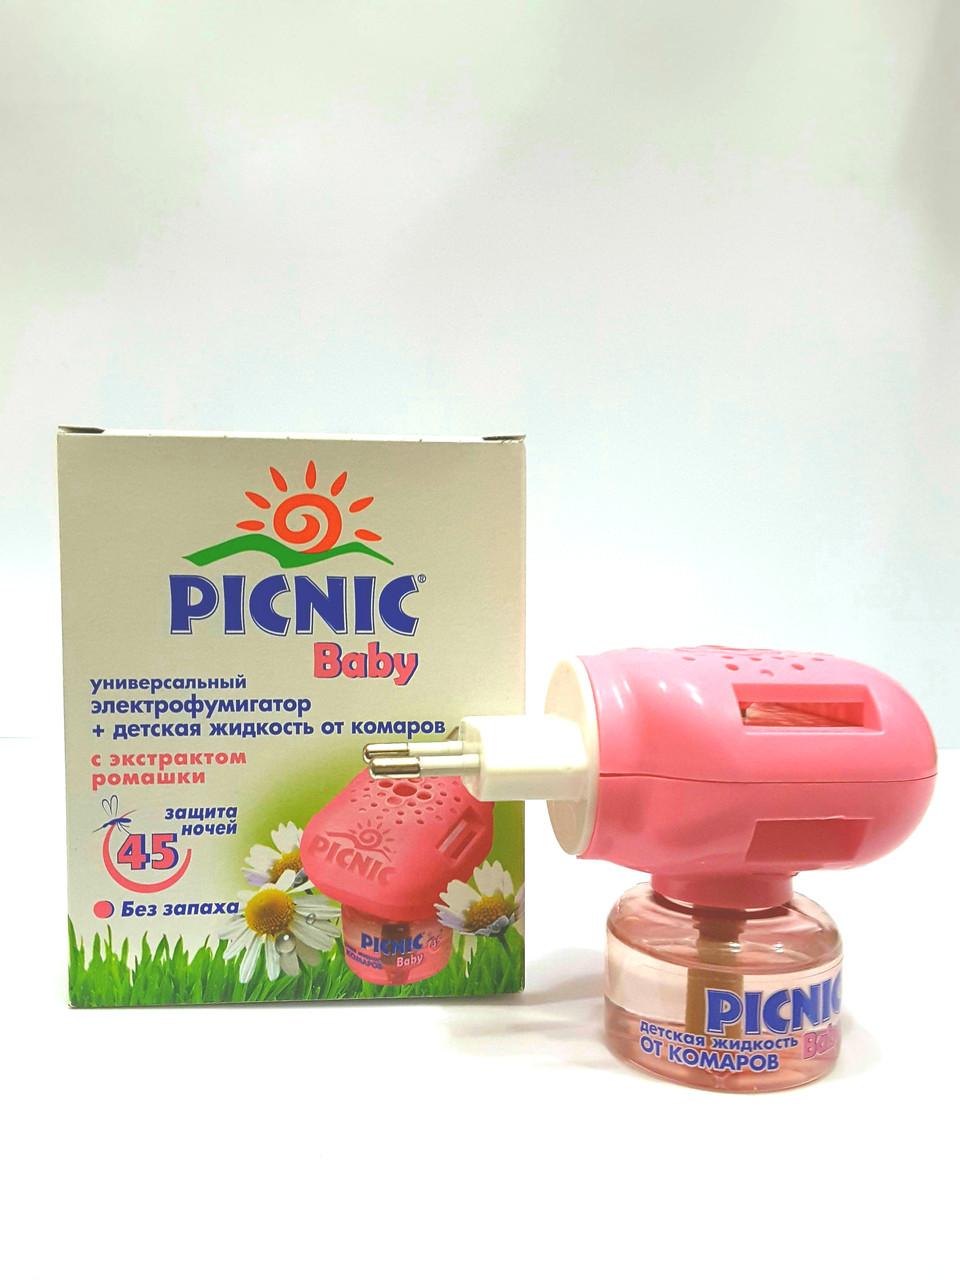 Универсальный электрофумигатор PICNIC BABY + детская жидкость от комаров